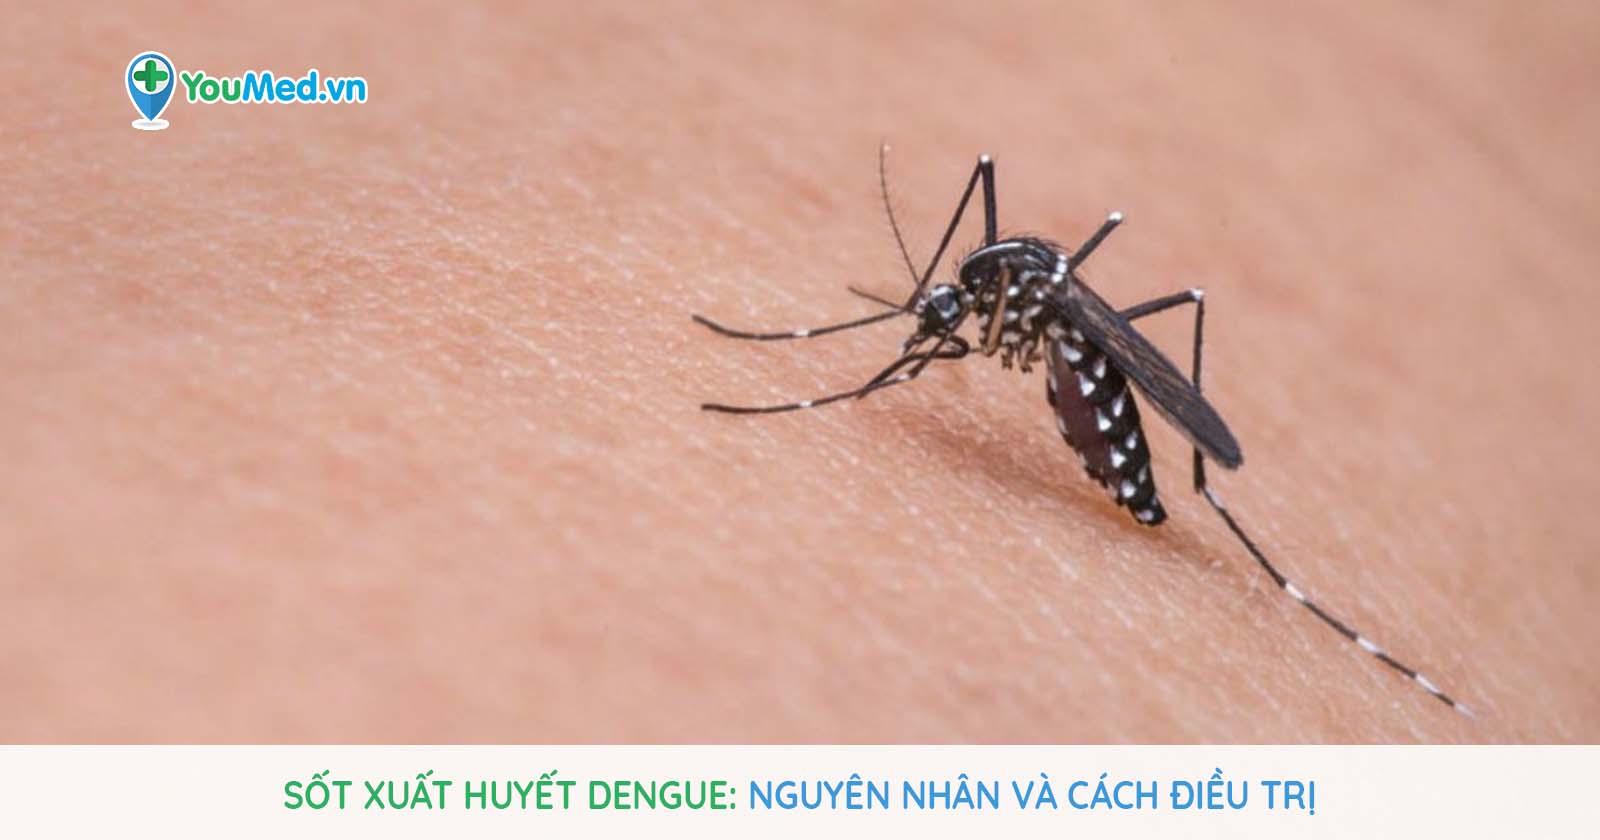 Sốt xuất huyết Dengue là gì? Có chữa được không?